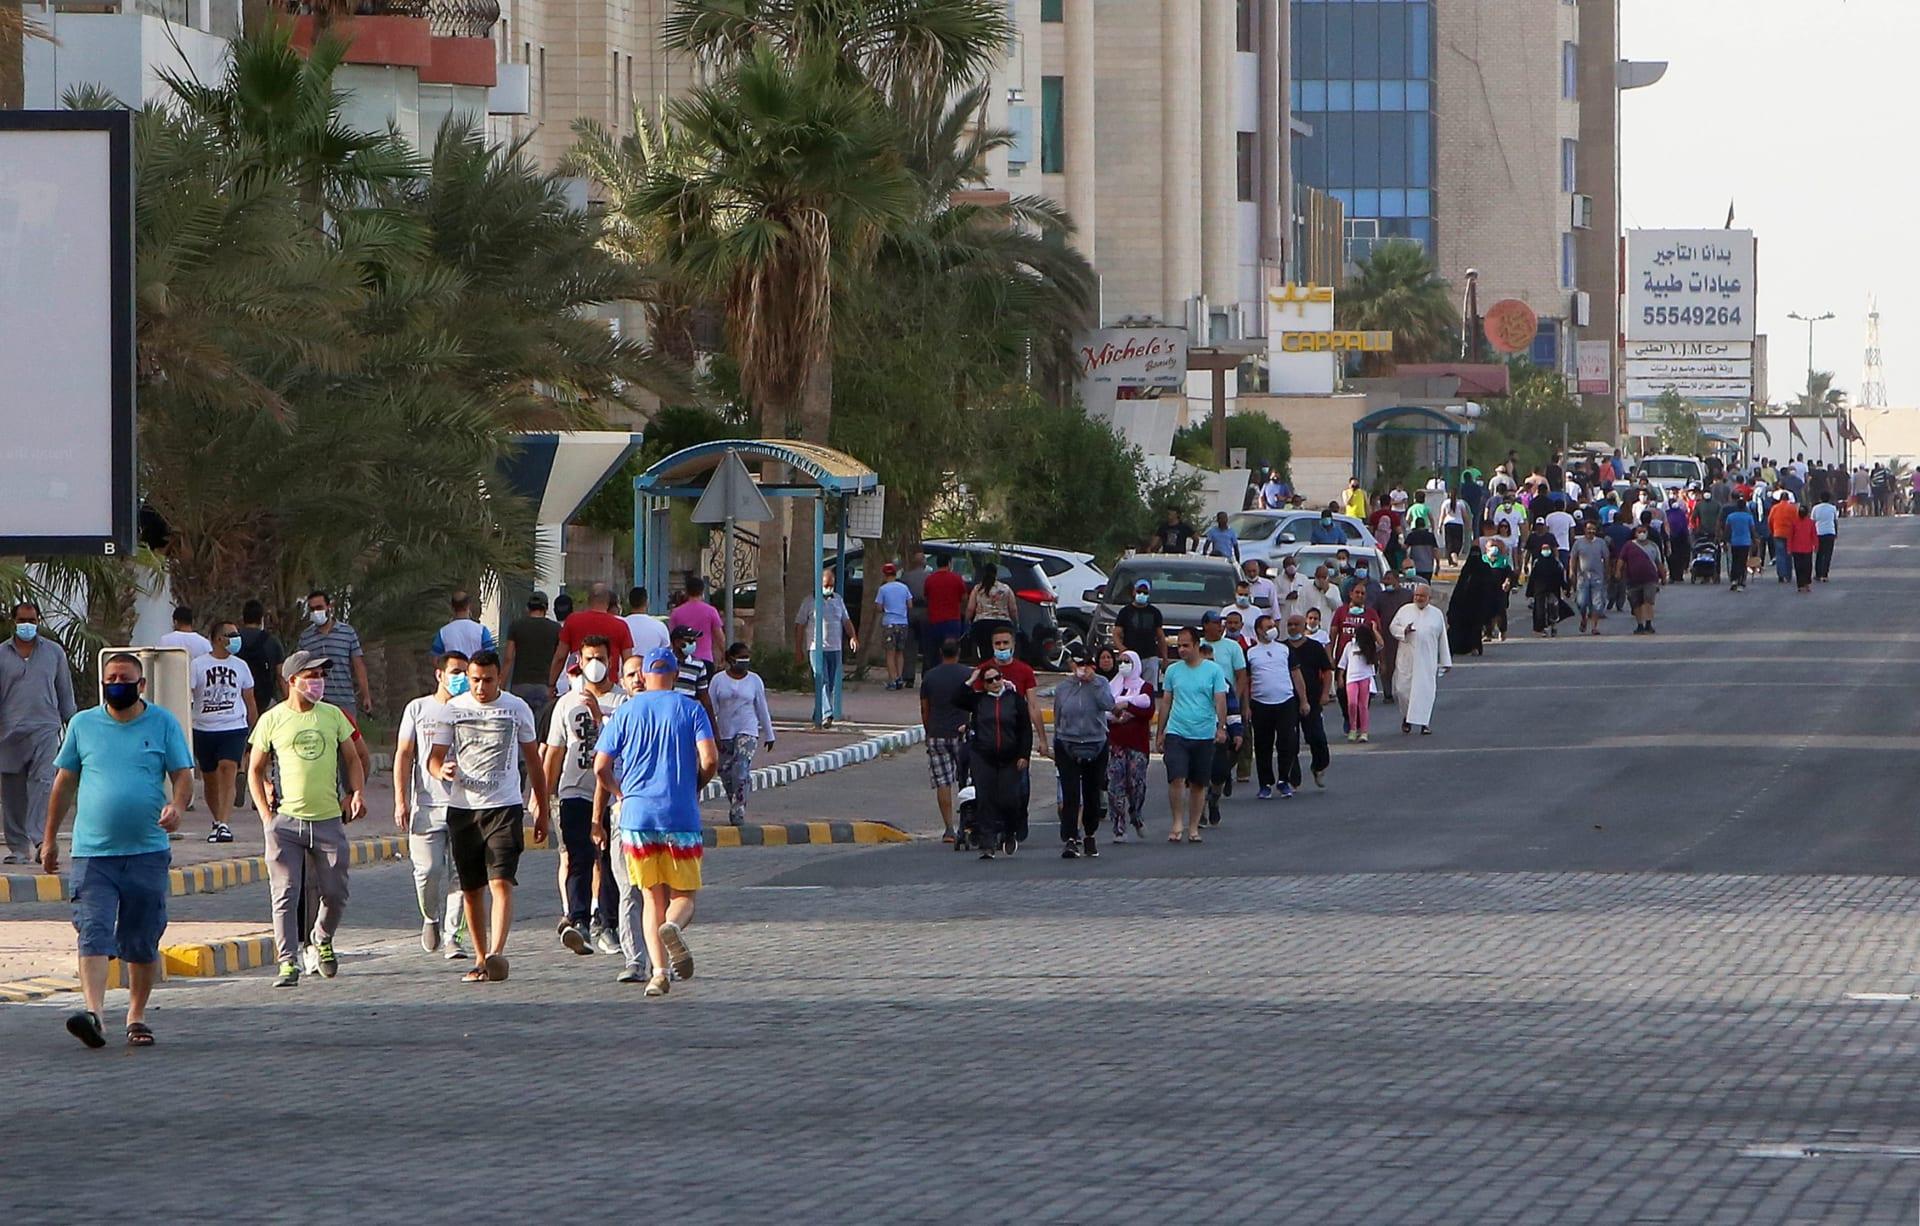 الكويت تطمح لخفض نسب العمالة الوافدة في البلاد بأكثر من النصف